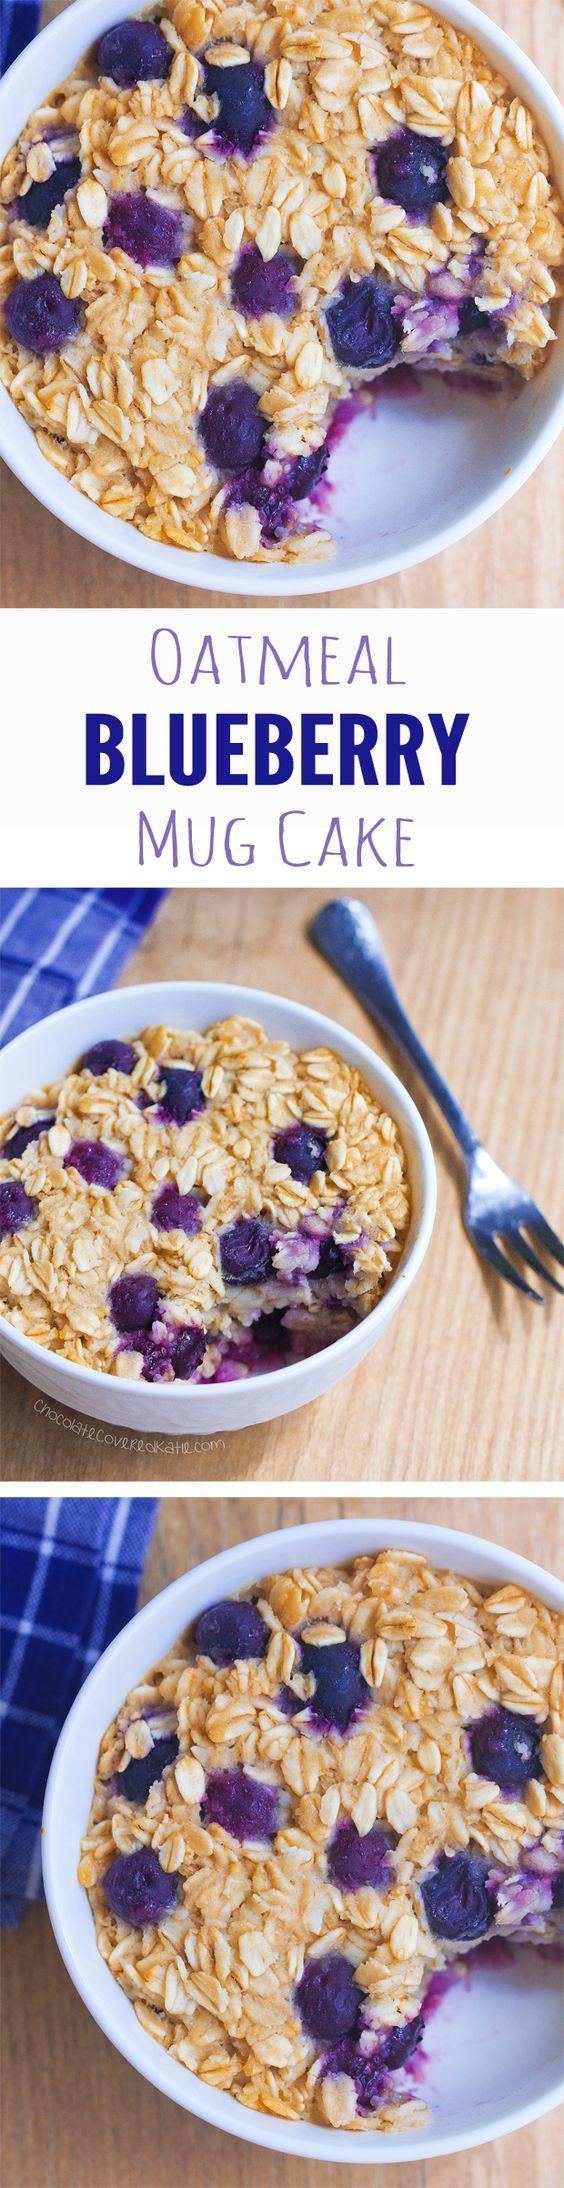 Blueberry Baked Oatmeal Mug Cake | Recipe | Mug Cakes, Cake ...